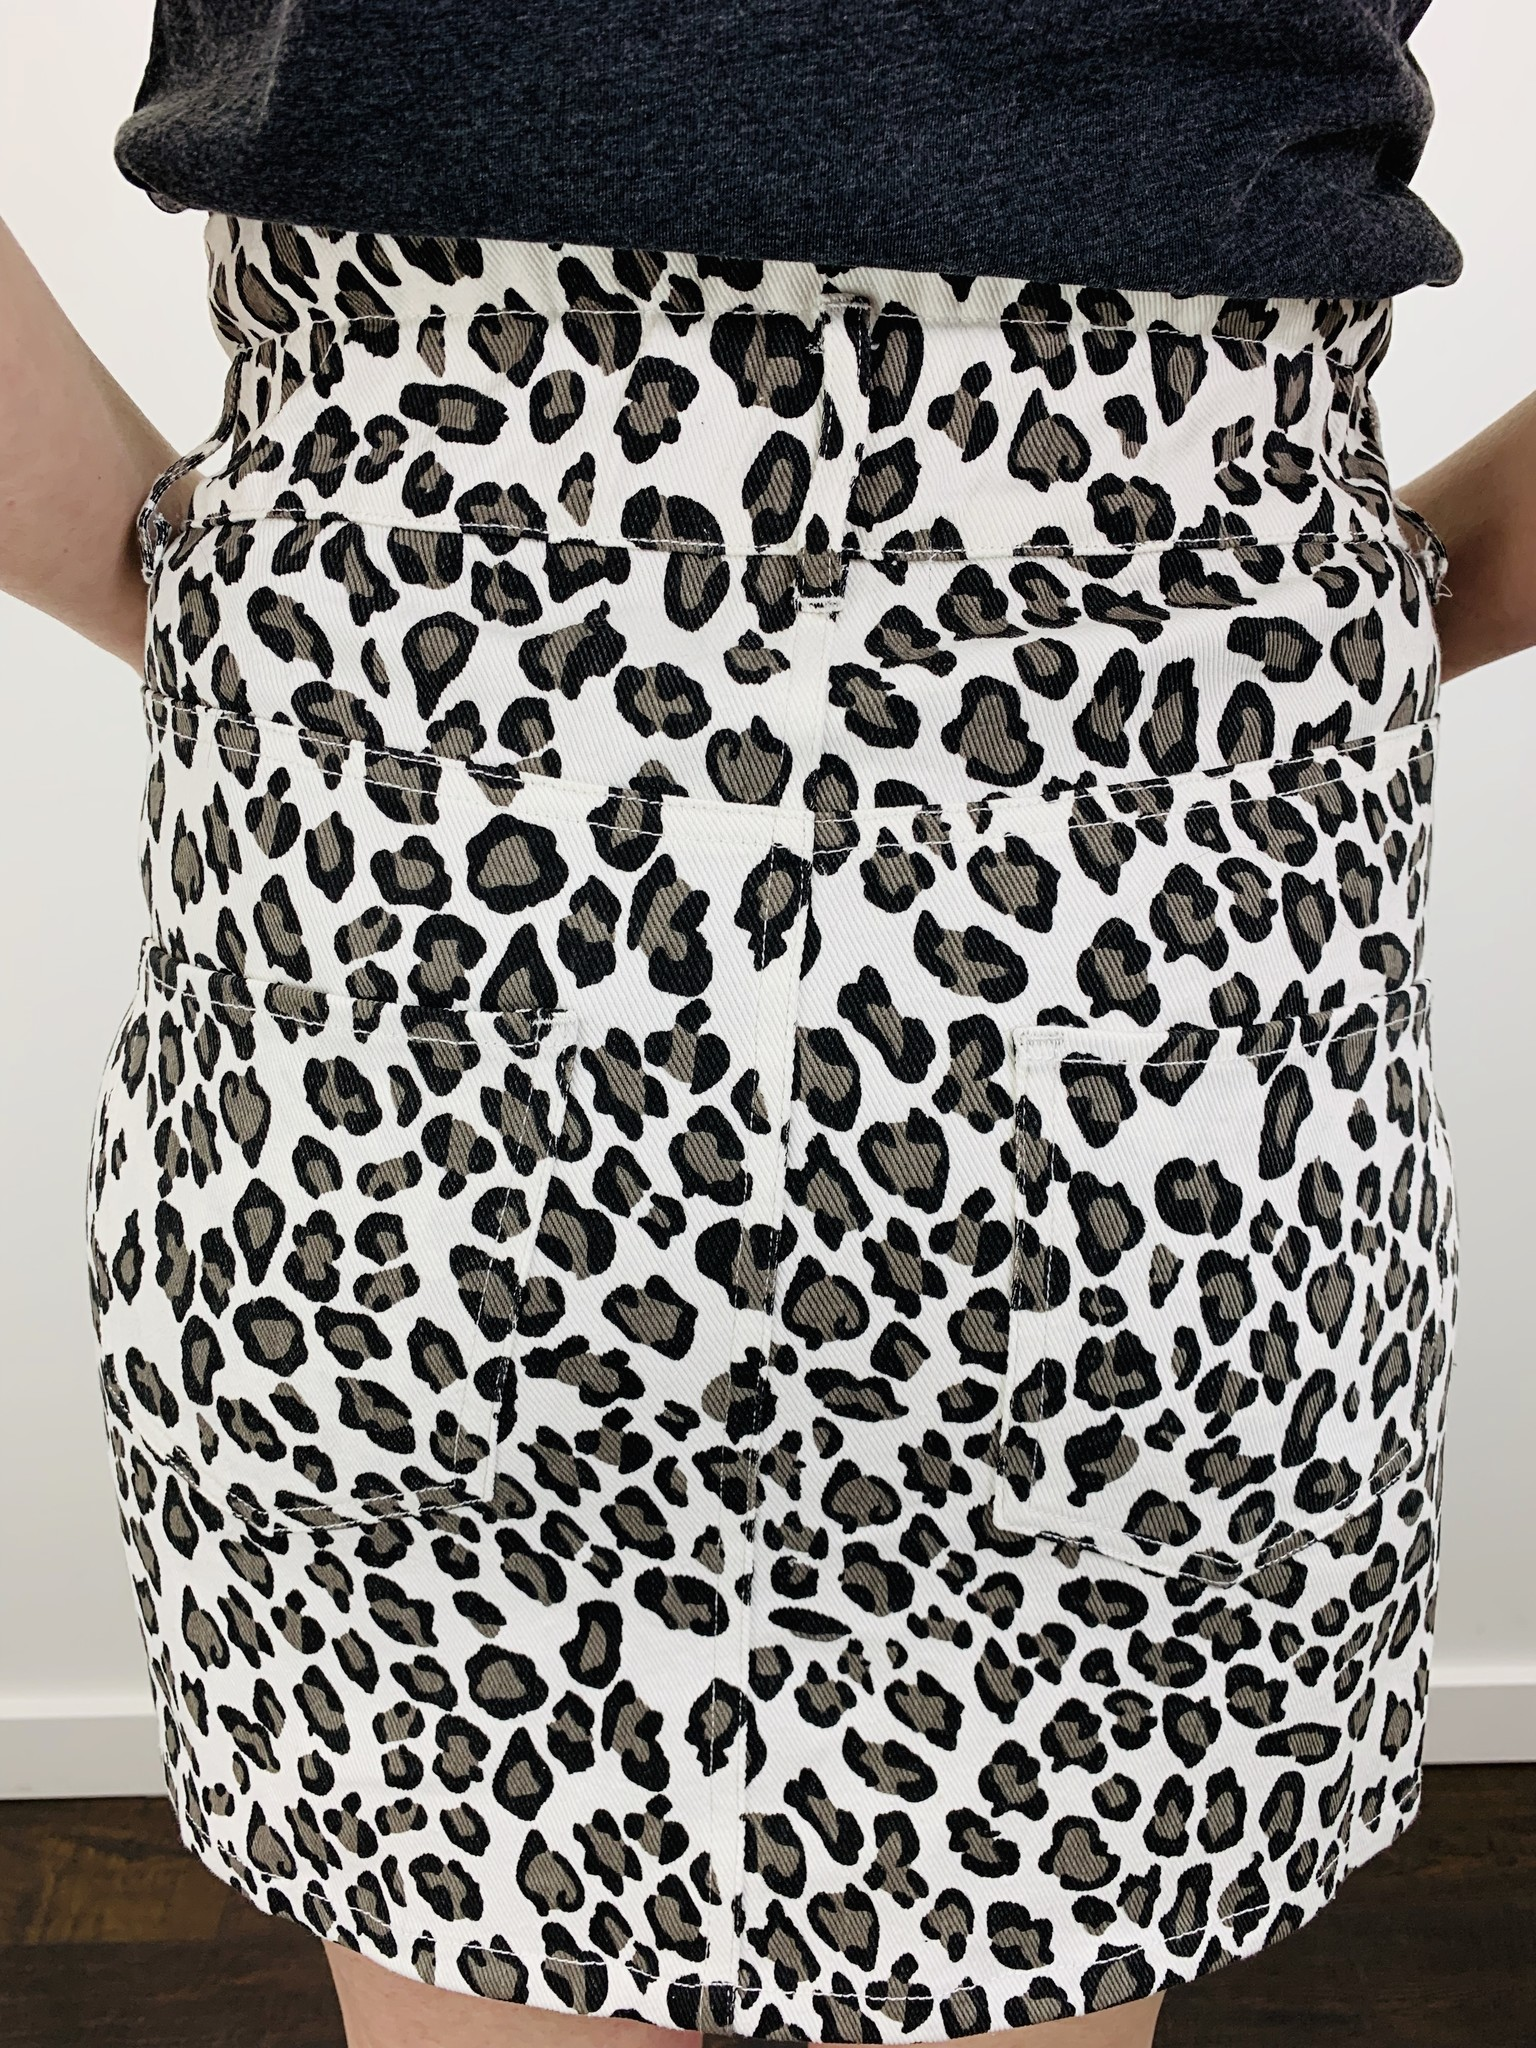 KLD Leopard Print Skirt